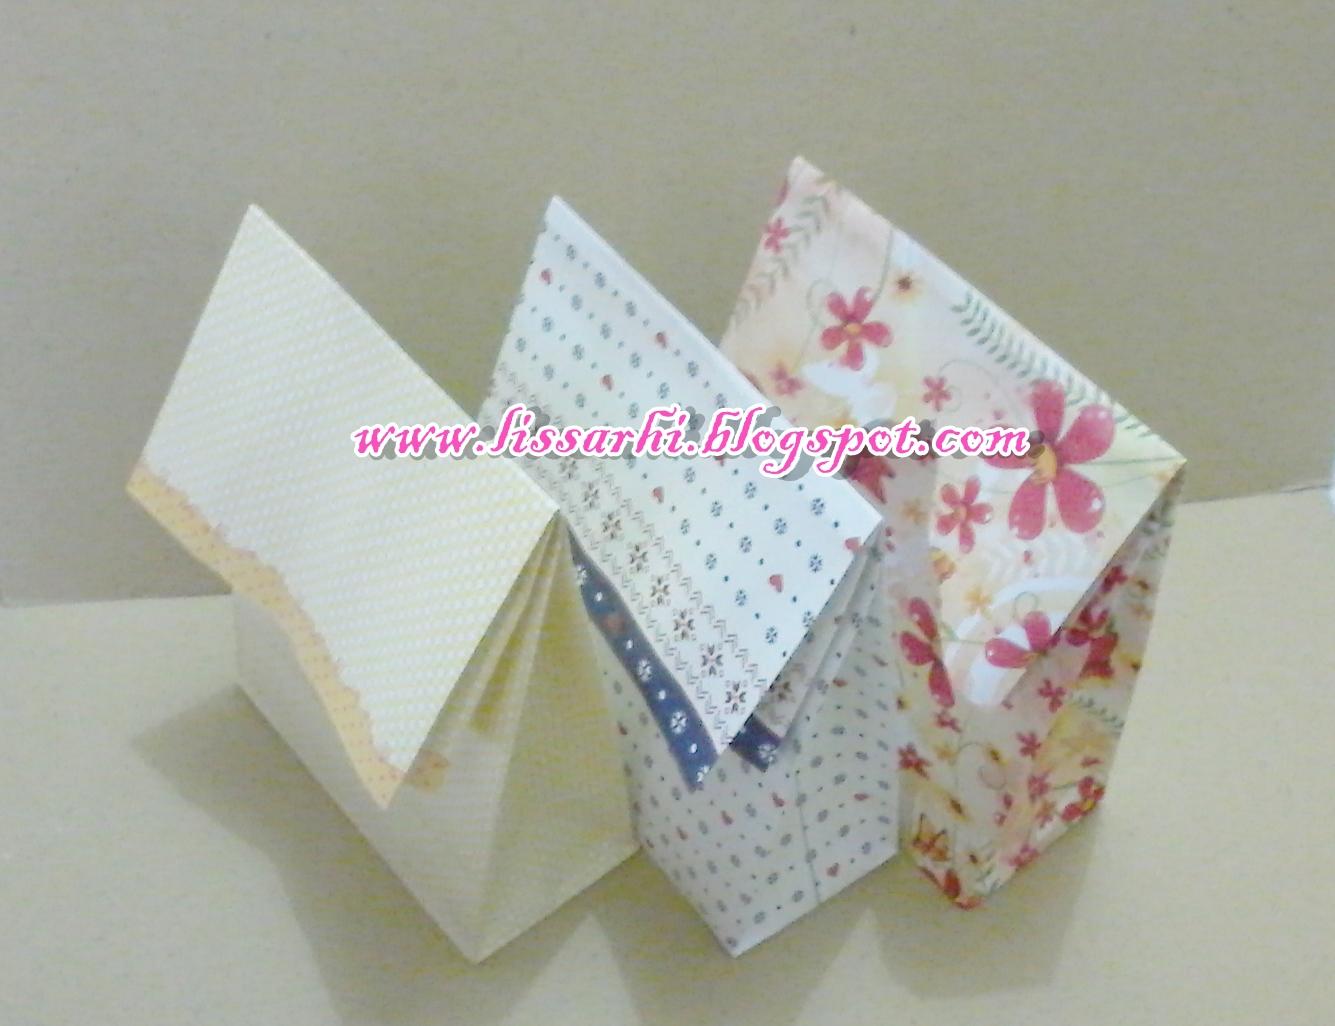 Cara Membungkus Kado Bentuk Tas Membuat Paper Bag Parcel Pernikahan